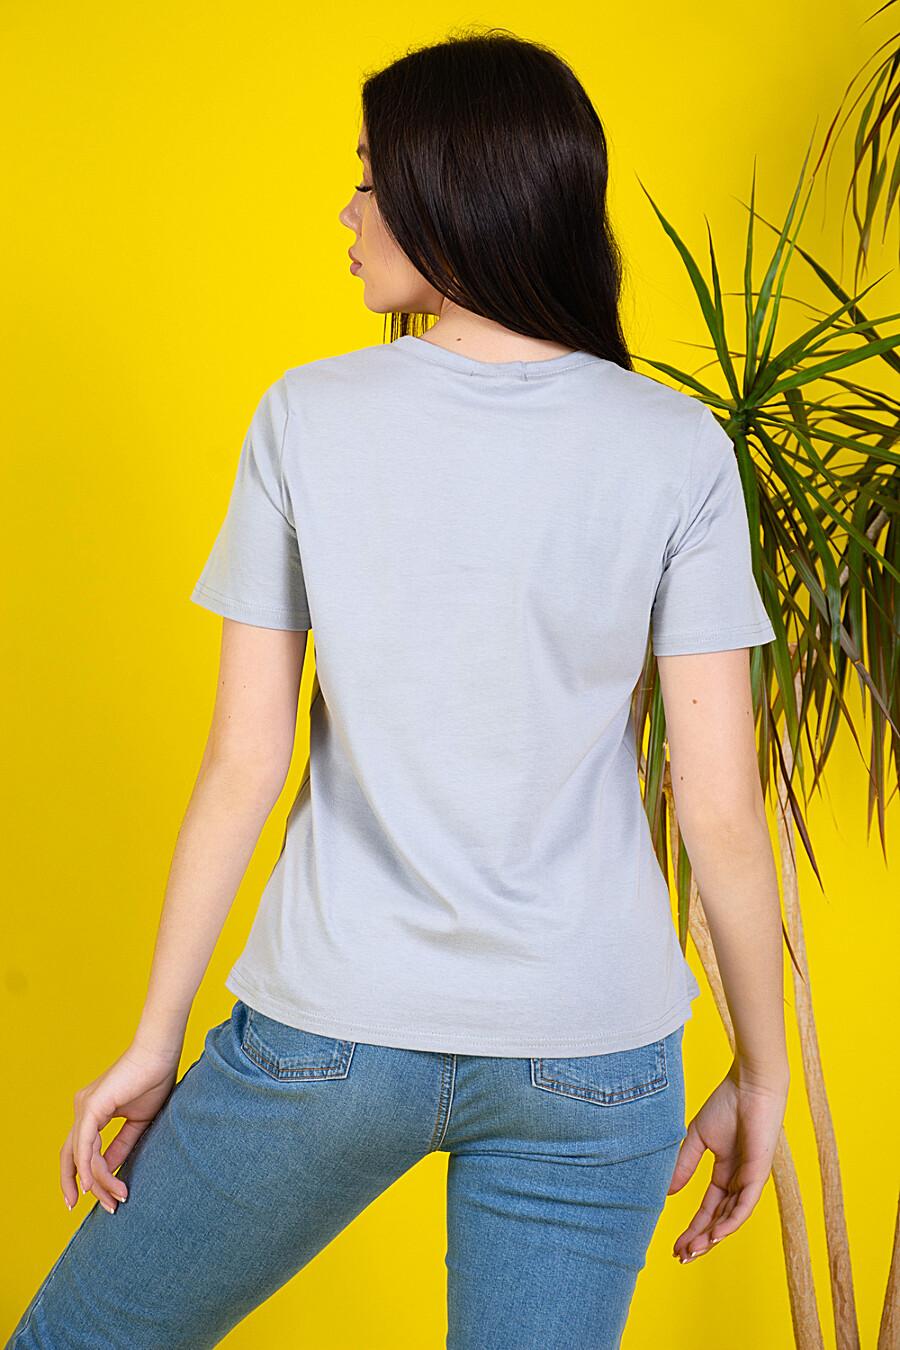 Футболка 36020 для женщин НАТАЛИ 668161 купить оптом от производителя. Совместная покупка женской одежды в OptMoyo